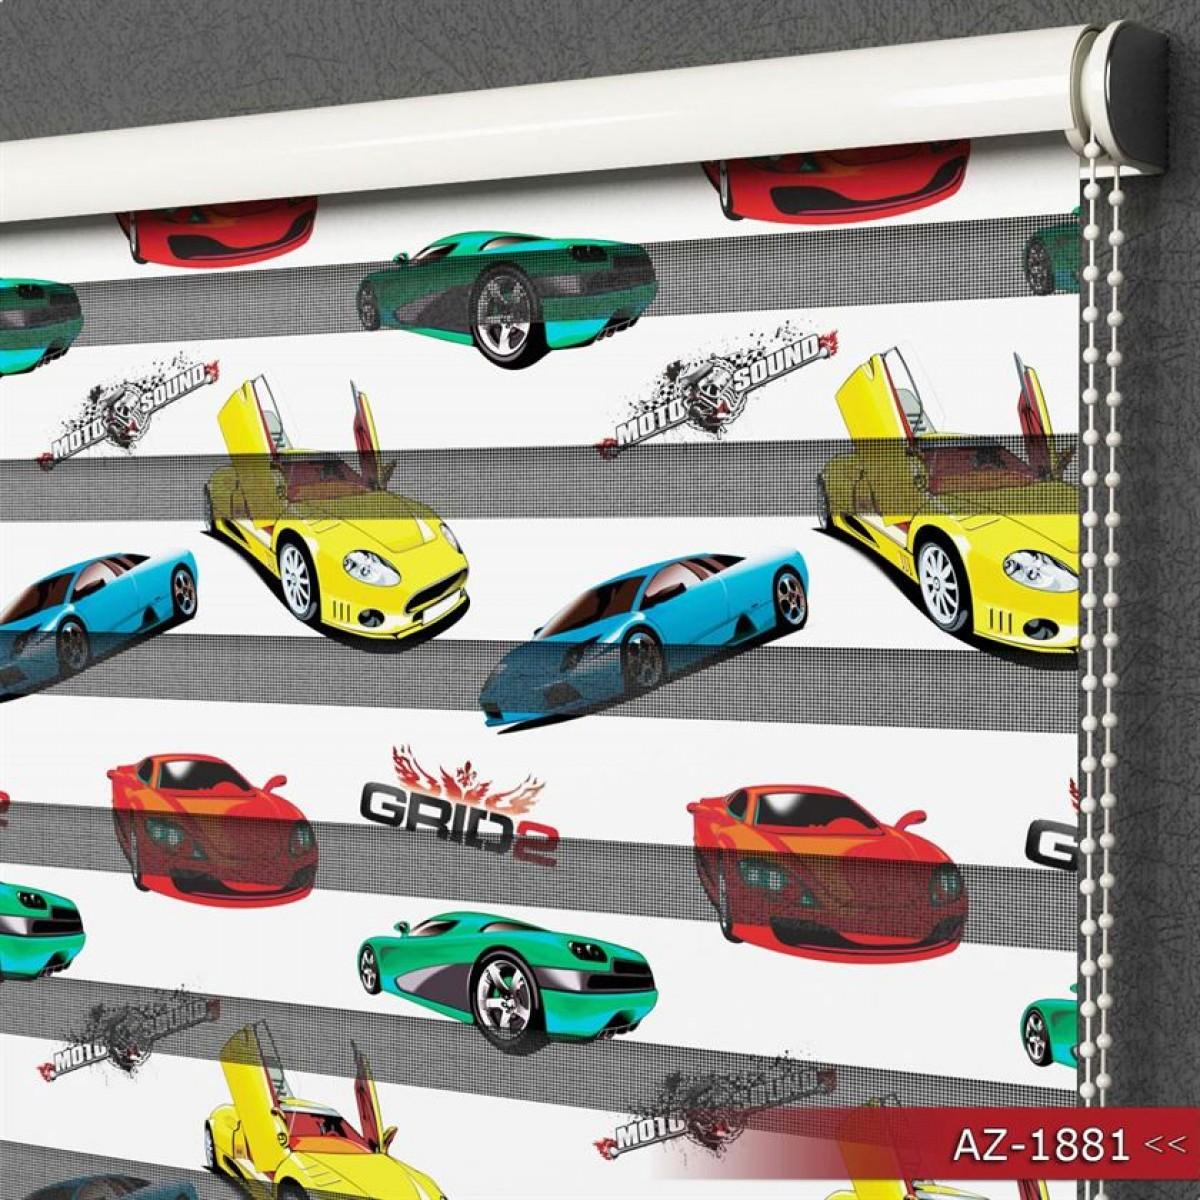 Erkek Çocuk Odası - Spor Arabalar Desen Baskılı Zebra Perde